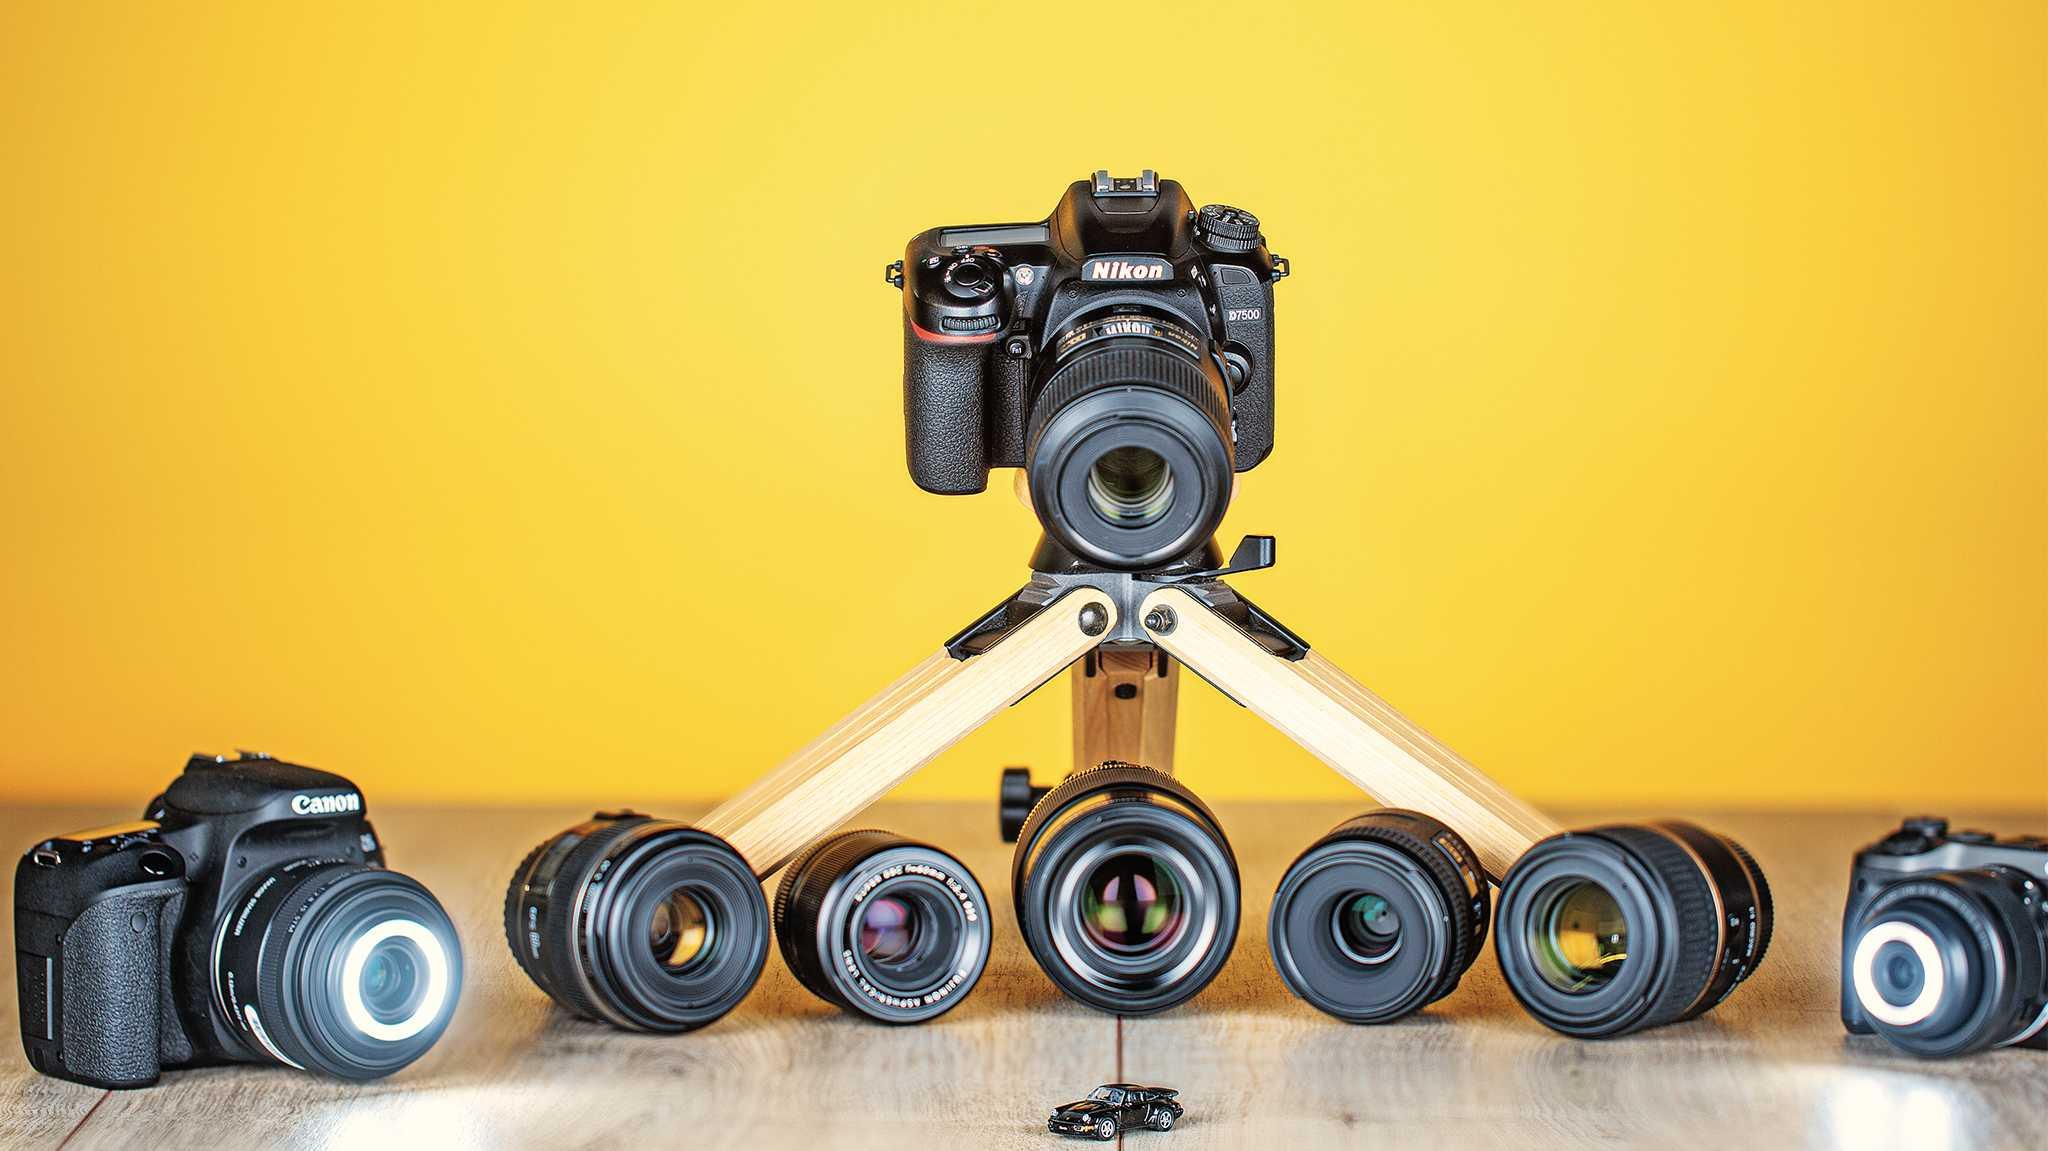 Objektivtest: Makrofestbrennweiten für APS-C-Kameras mit und ohne Spiegel